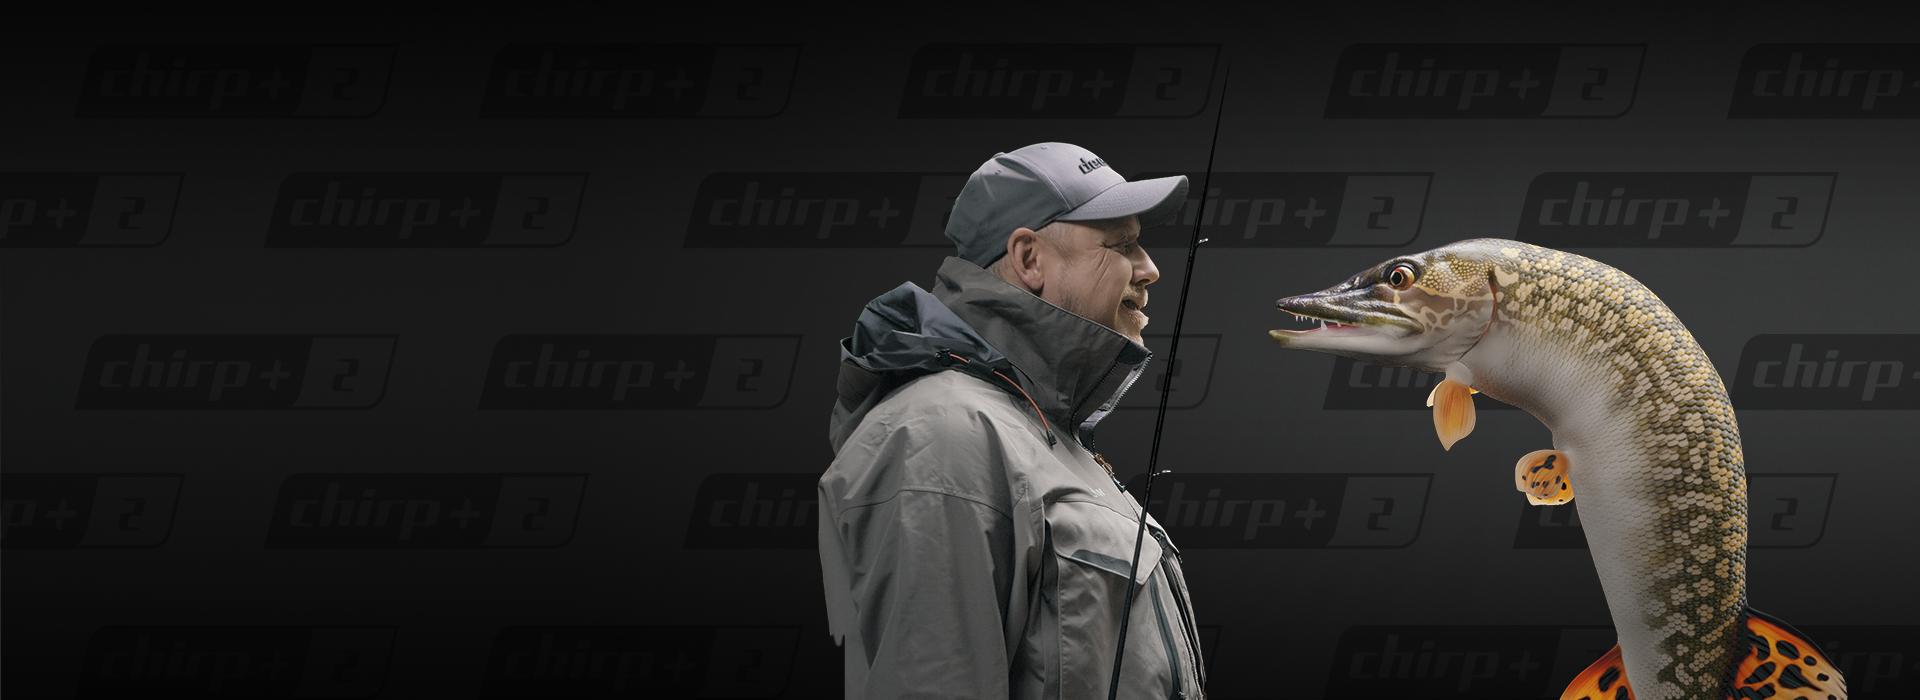 Бажаєте знаходити рибу швидко? Робіть це легко з новим Deeper CHIRP+ 2!